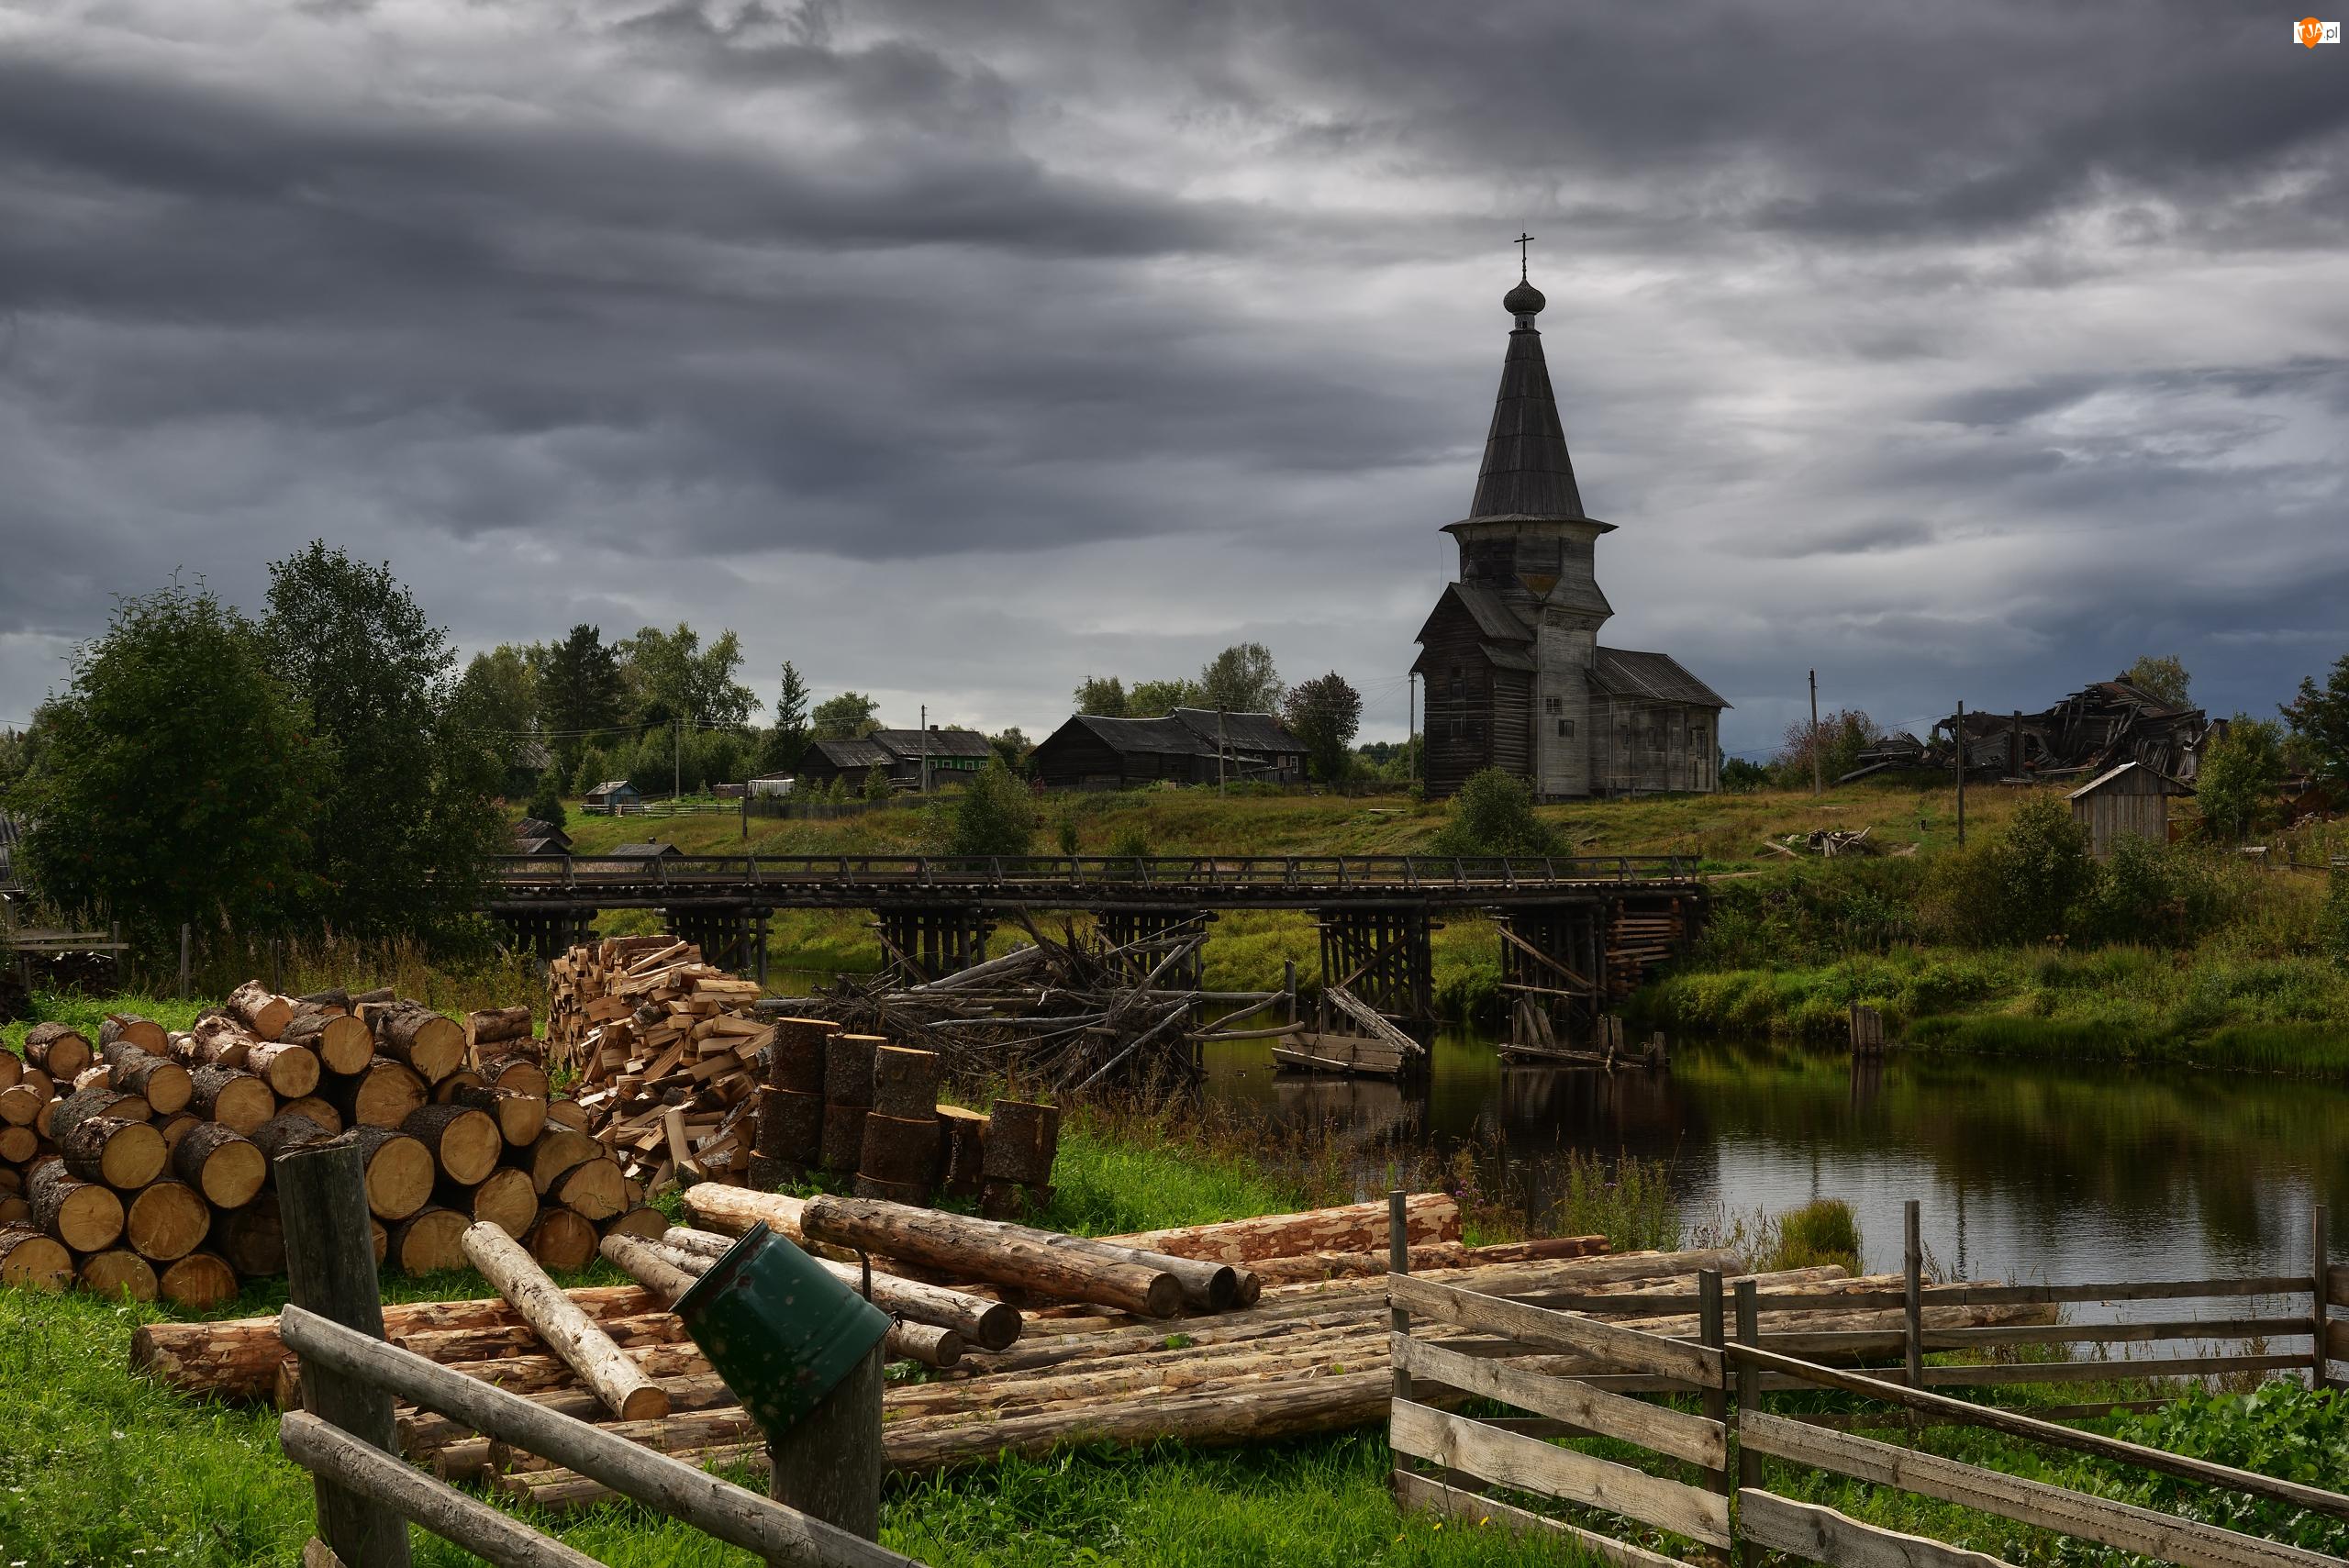 Rzeka, Cerkiew, Kłody, Domy, Most, Drewna